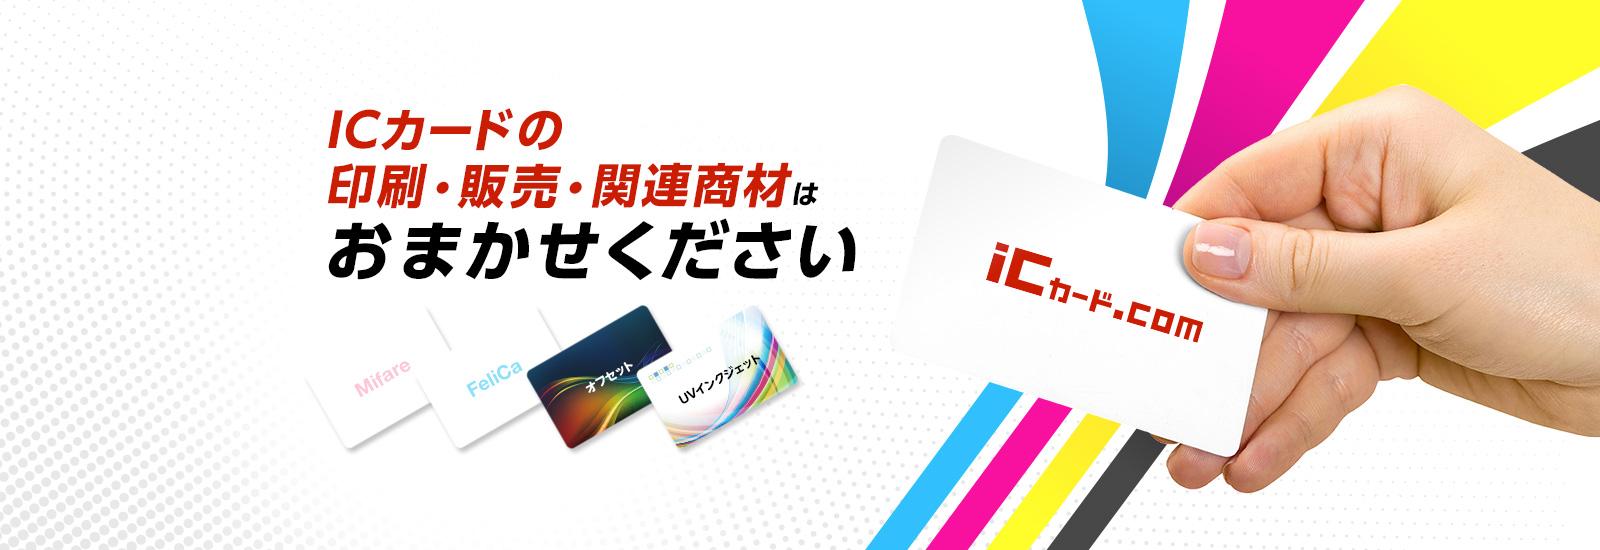 ICカードの印刷・販売・エンコードはおまかせください